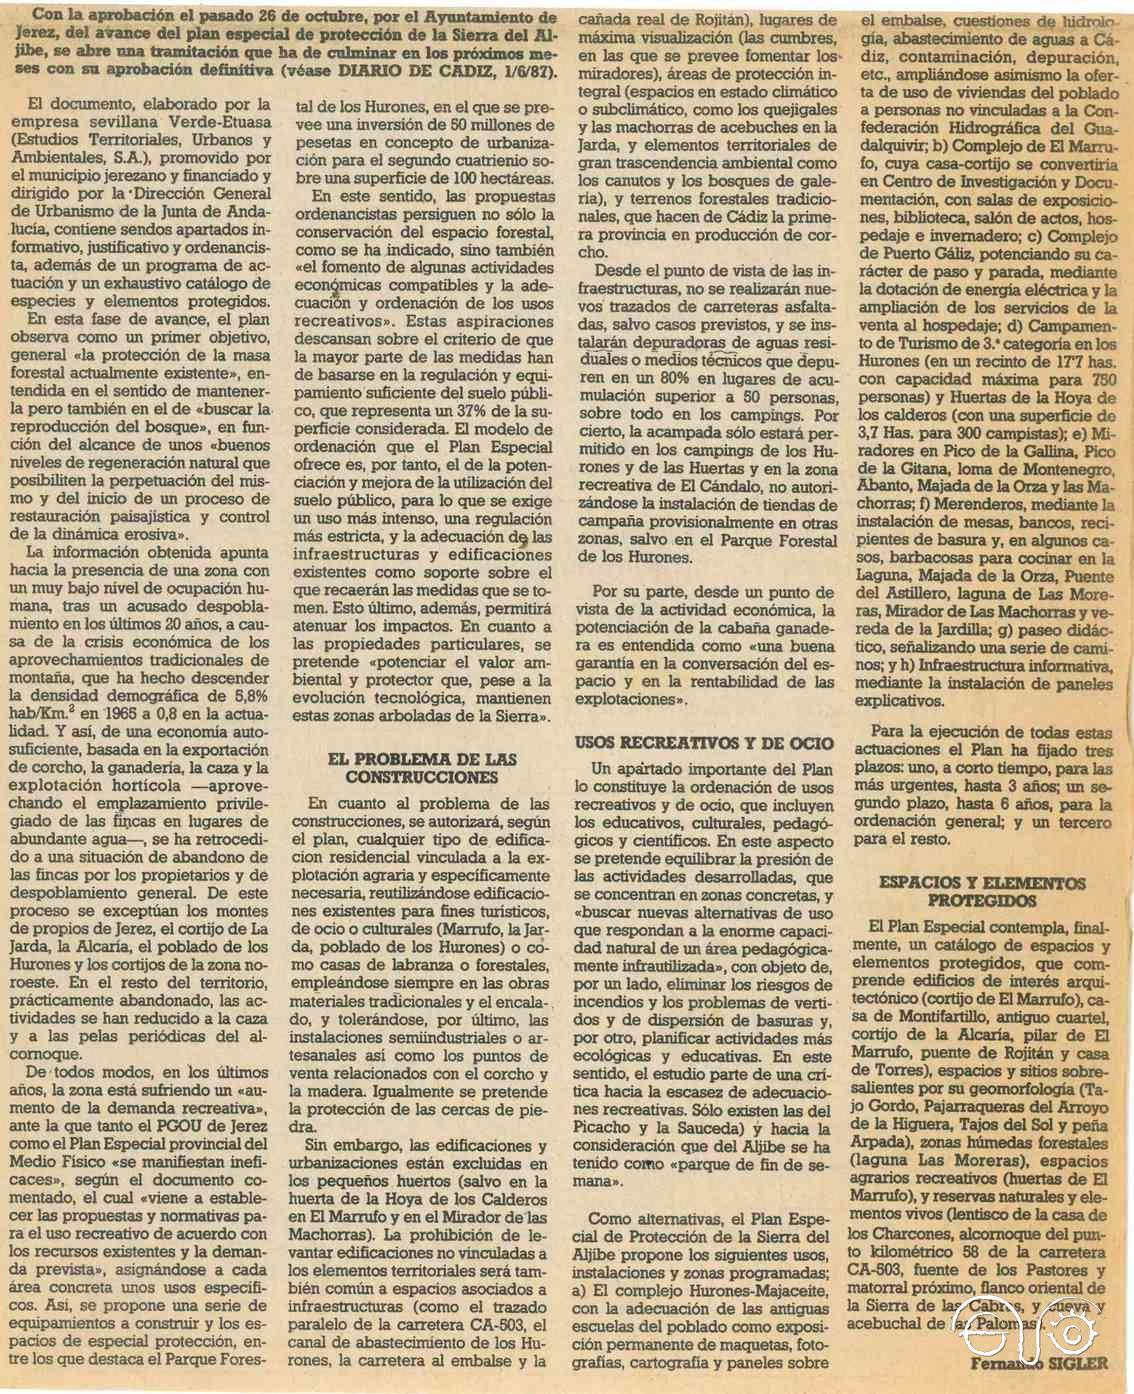 Texto del reportaje en el que se habla del Marrufo (Diario de Cádiz, 3/1/1988).